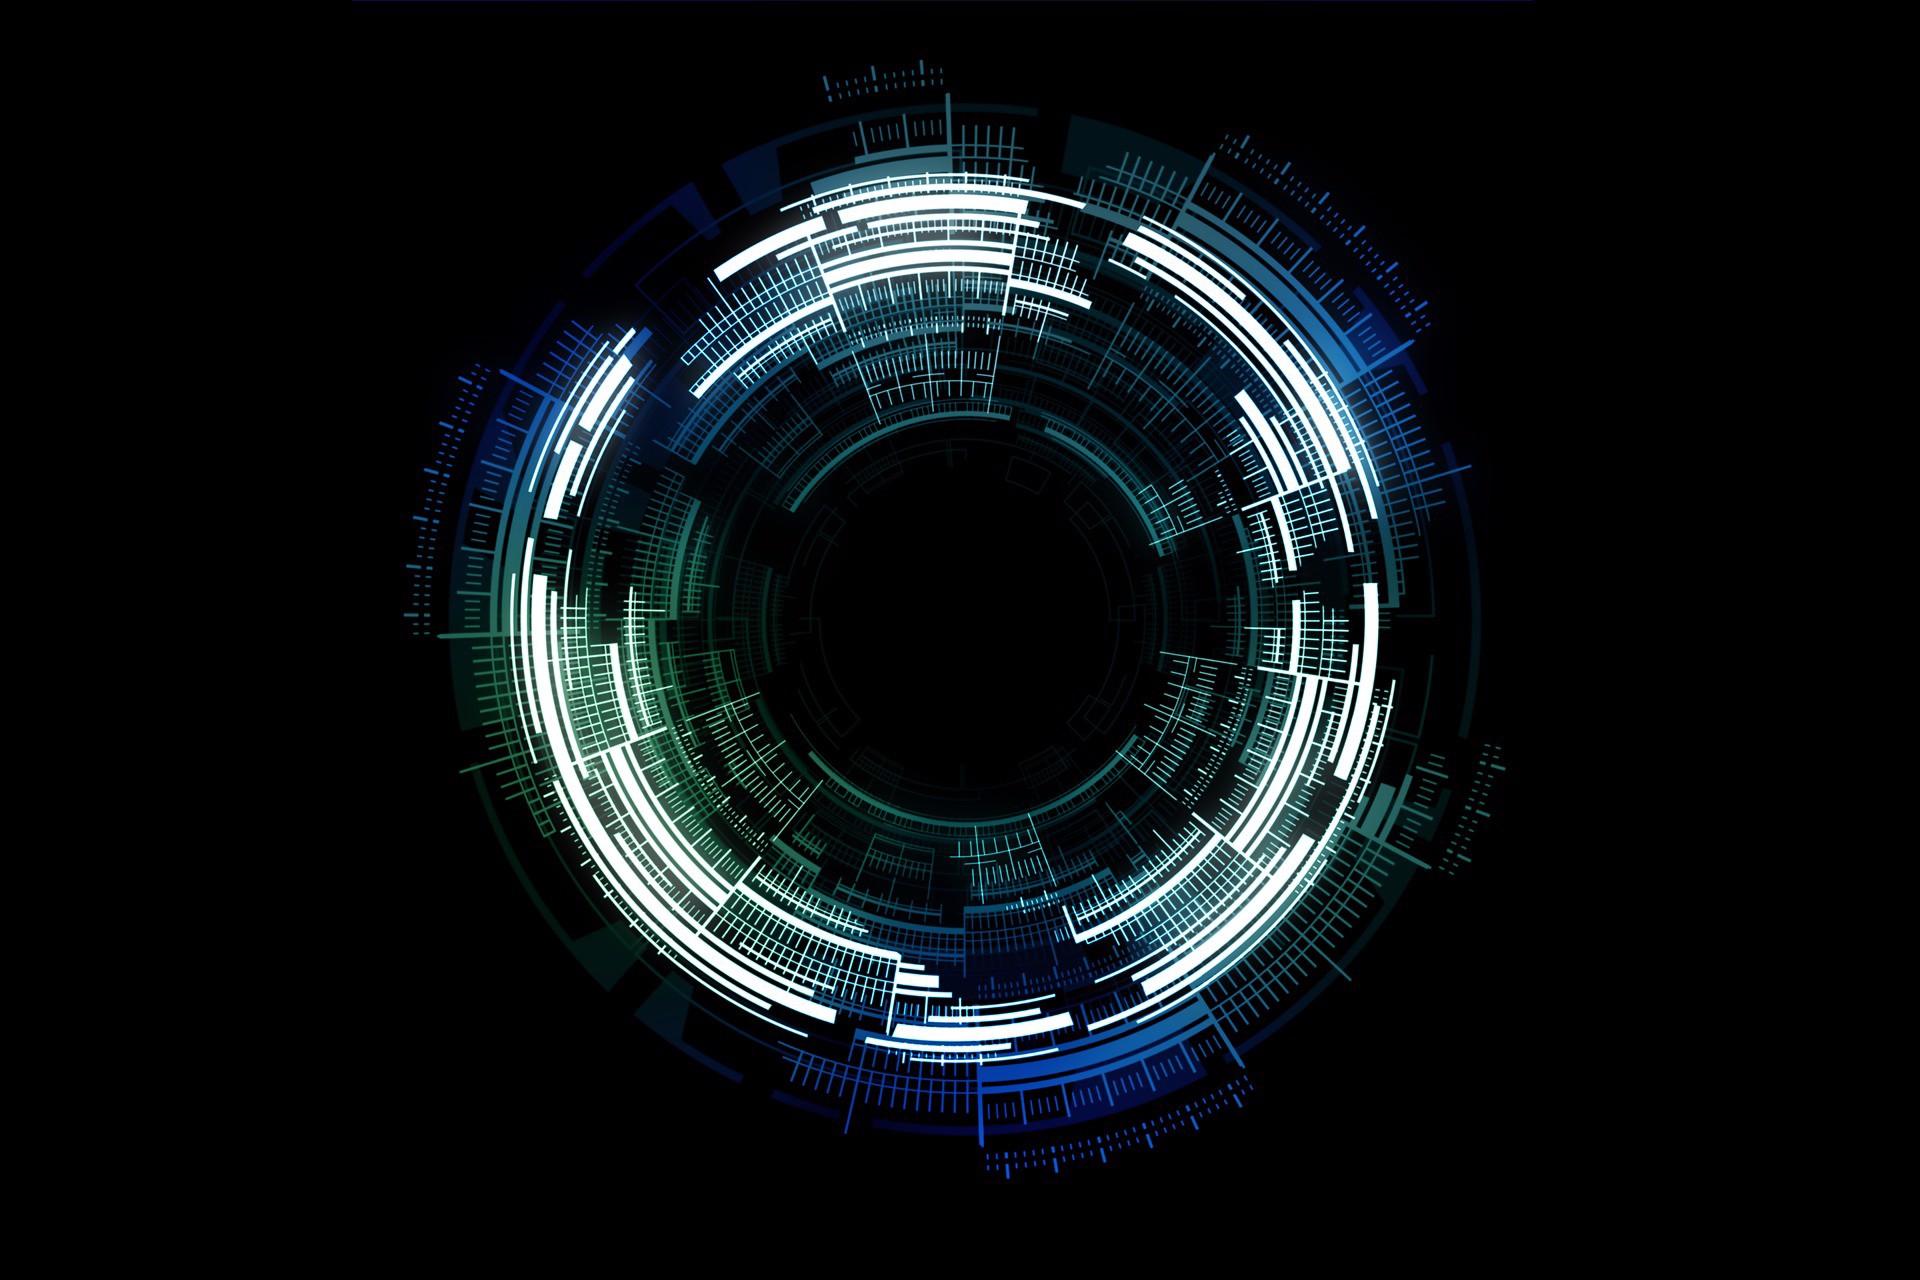 Studie: Dark Data − das schwarze Loch in Sachen Datensicherheit